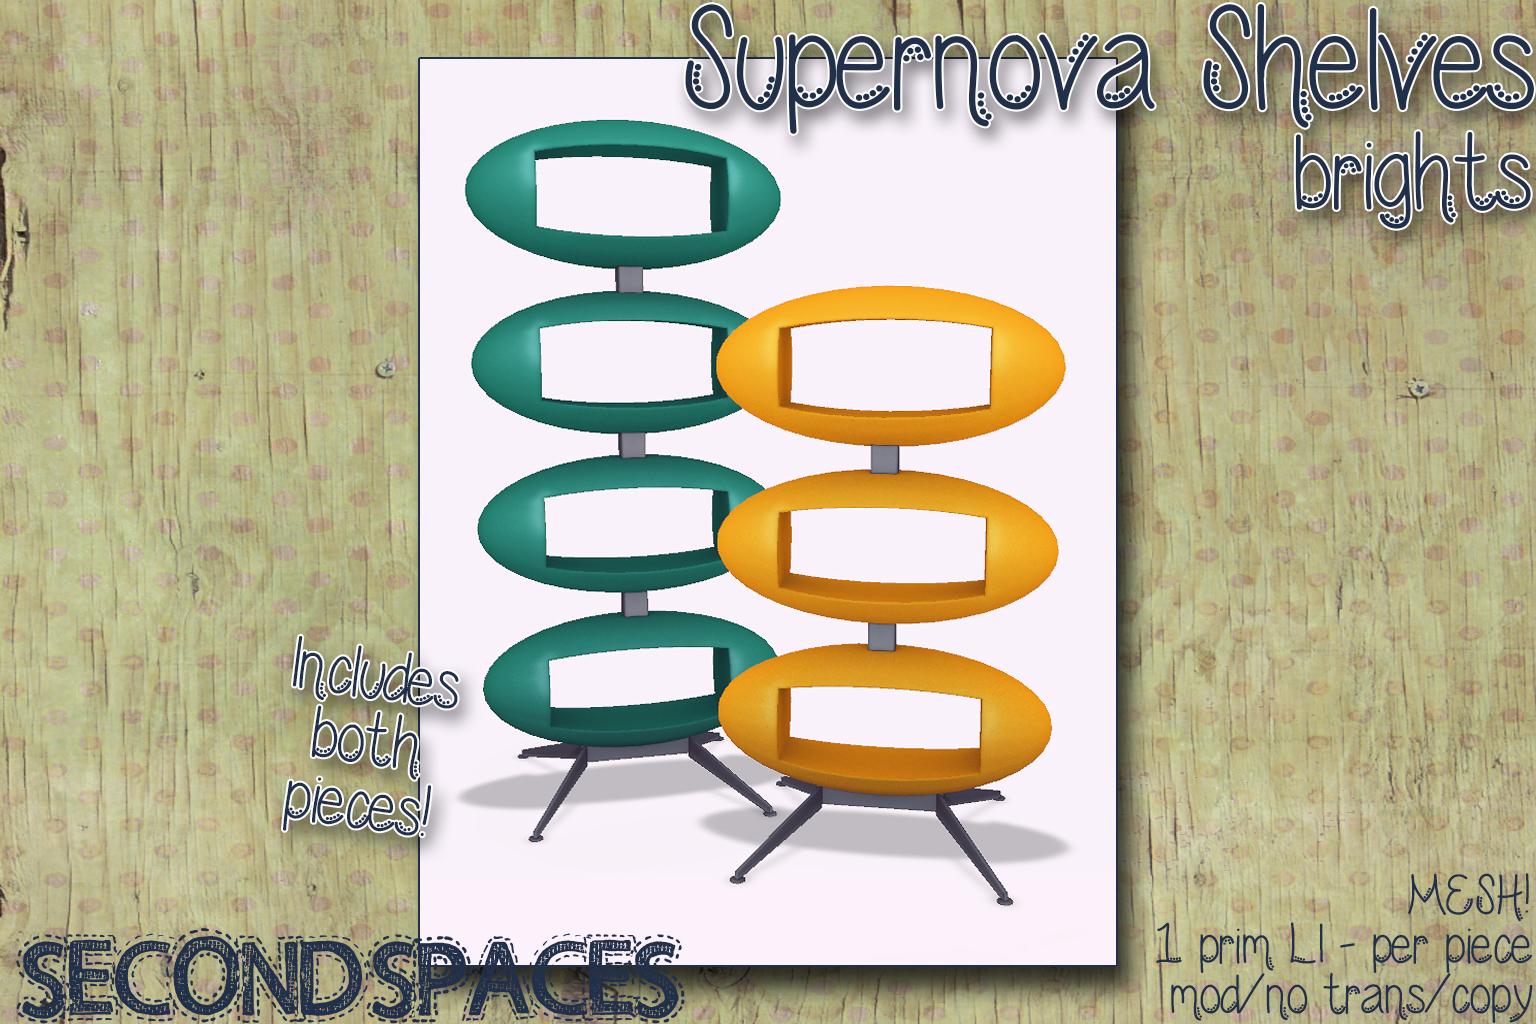 supernova shelves_brights_vendor.jpg